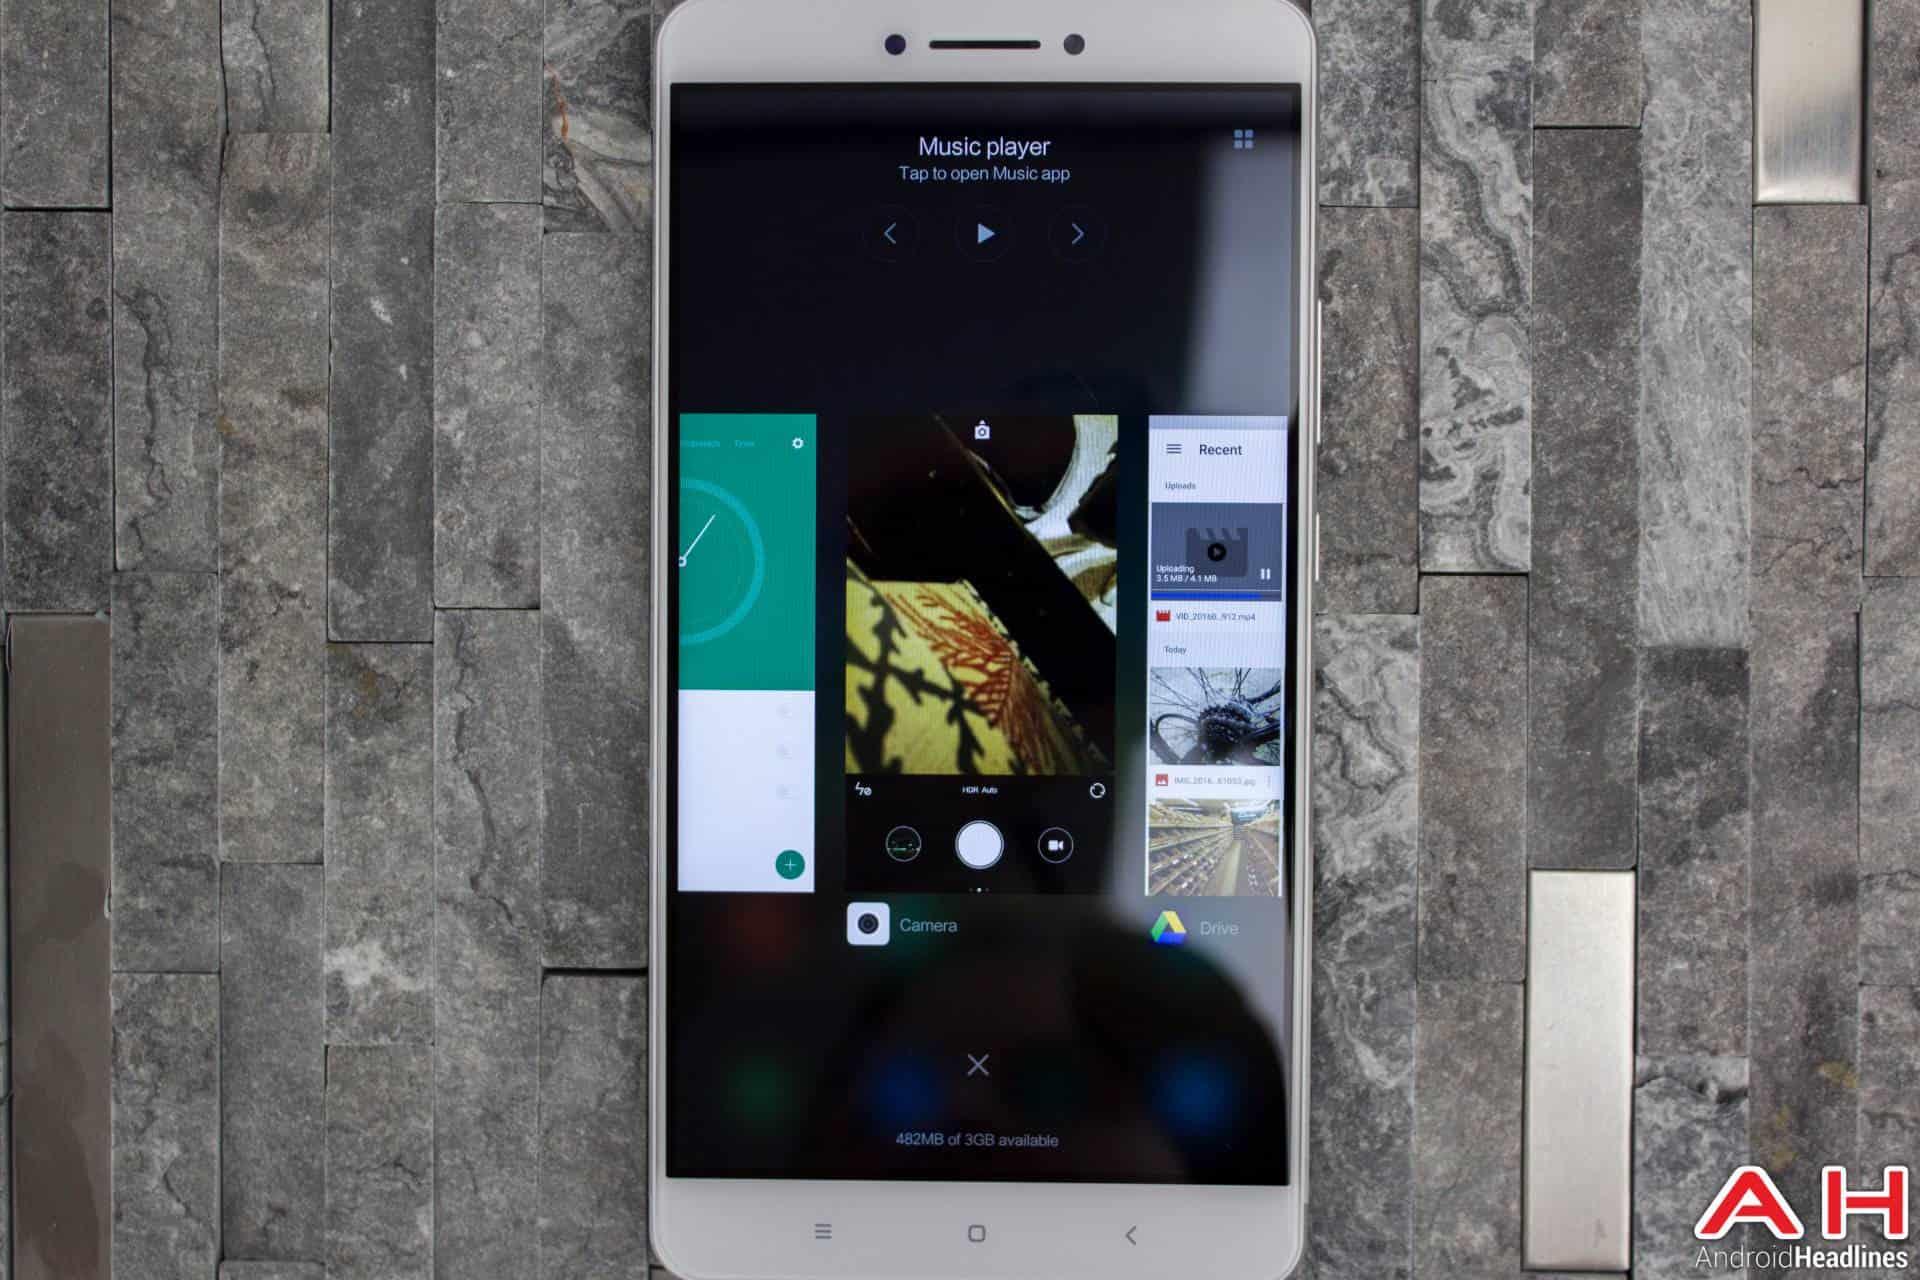 Xiaomi-Mi-Max-AH-NS-multi-task-performance